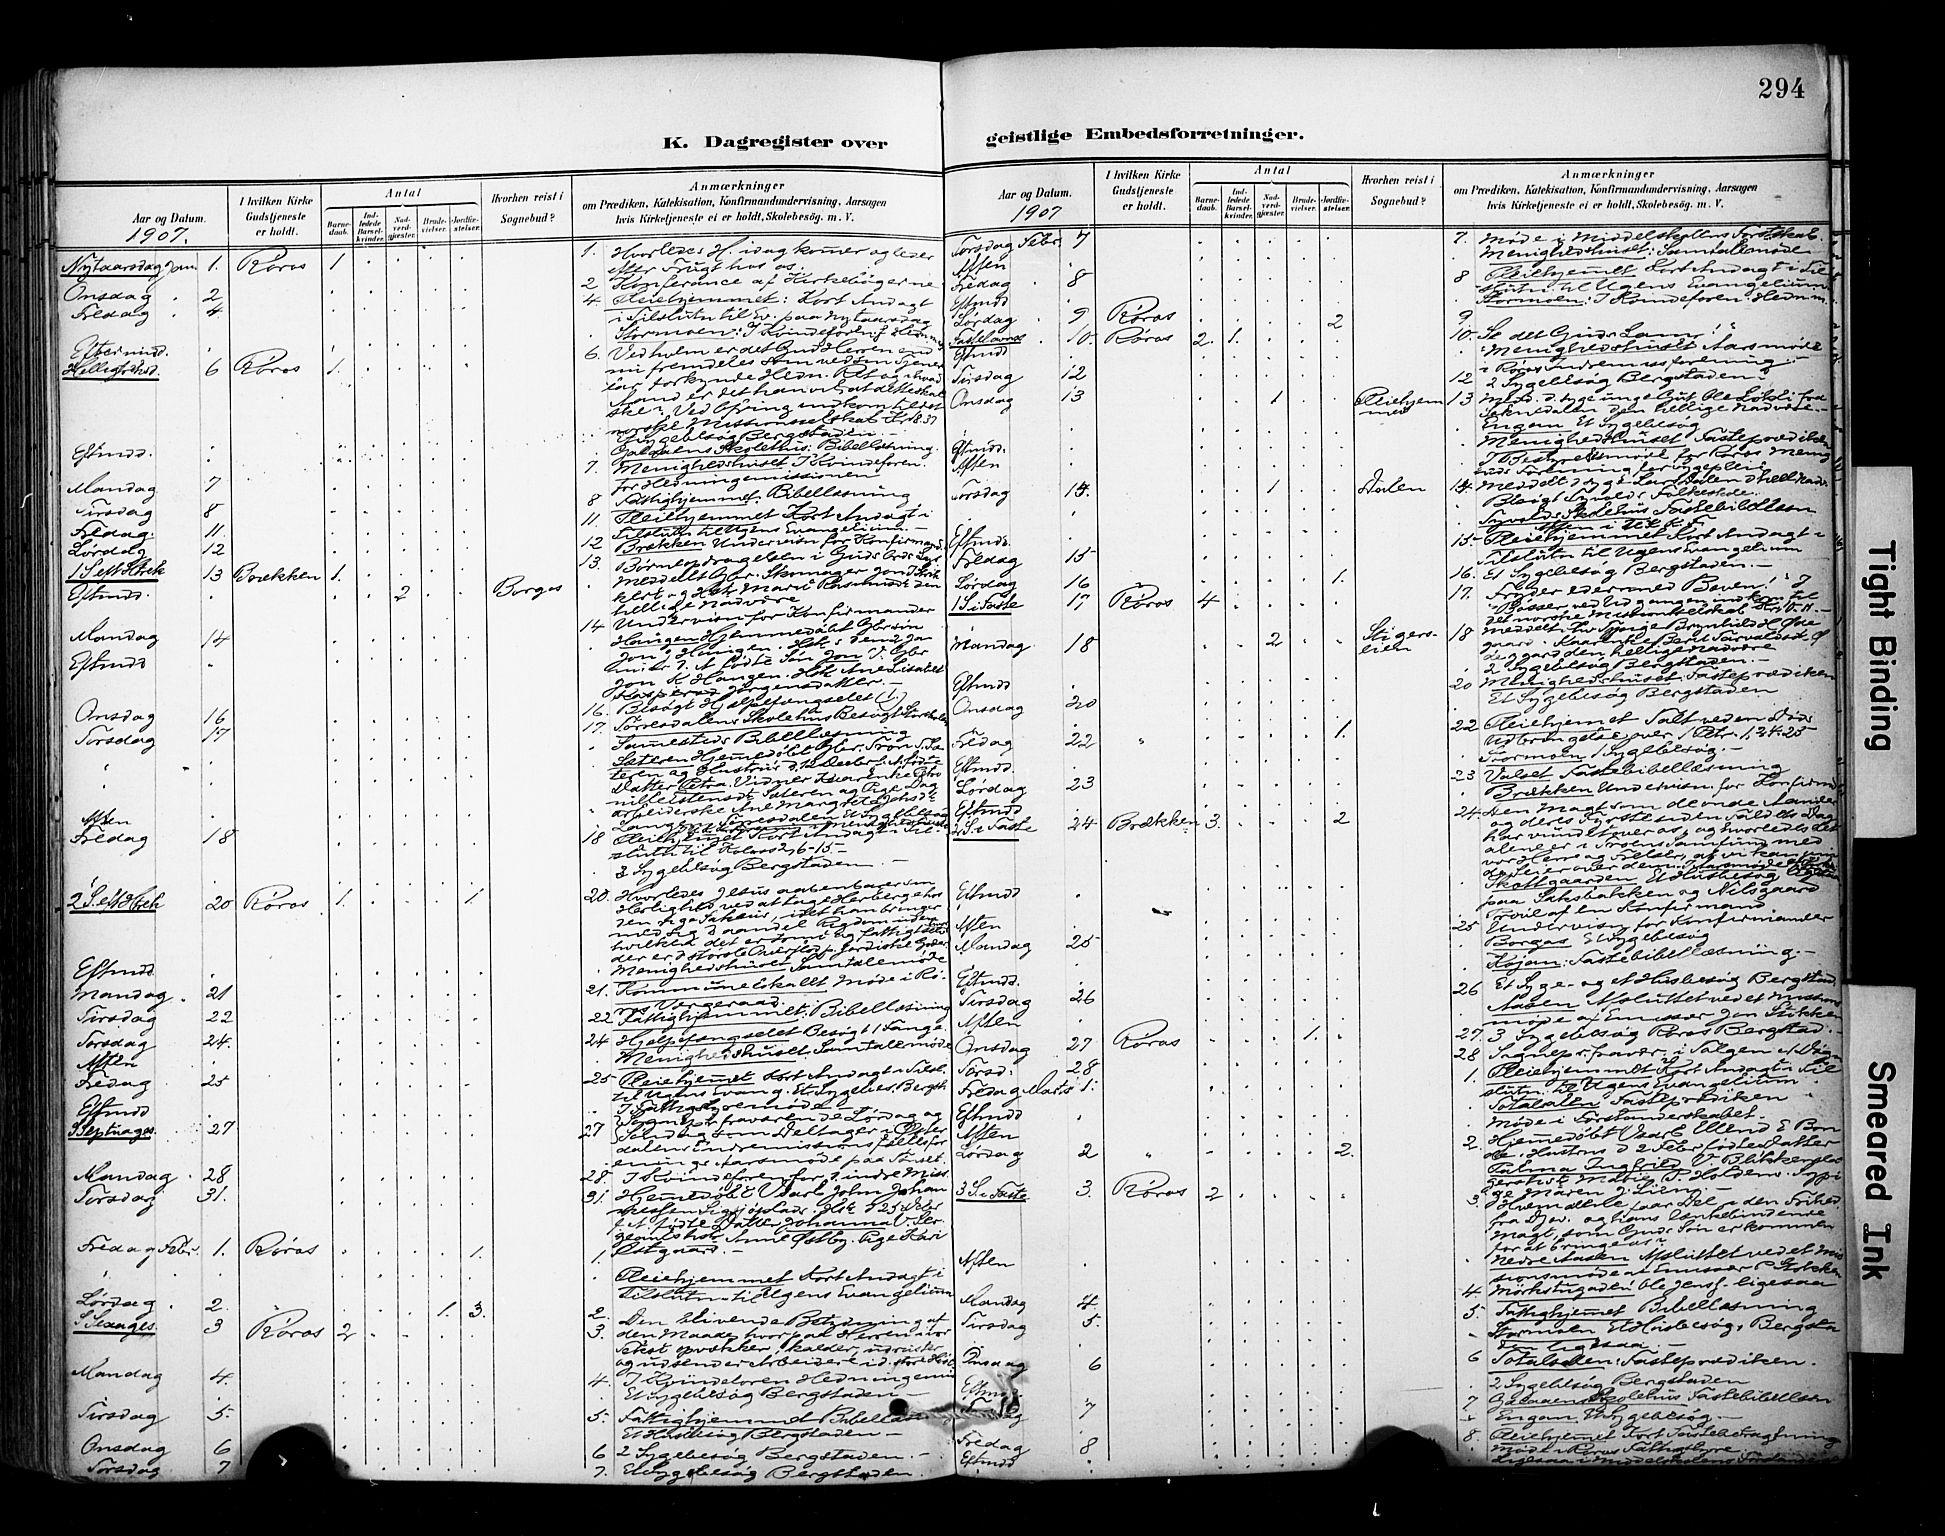 SAT, Ministerialprotokoller, klokkerbøker og fødselsregistre - Sør-Trøndelag, 681/L0936: Ministerialbok nr. 681A14, 1899-1908, s. 294